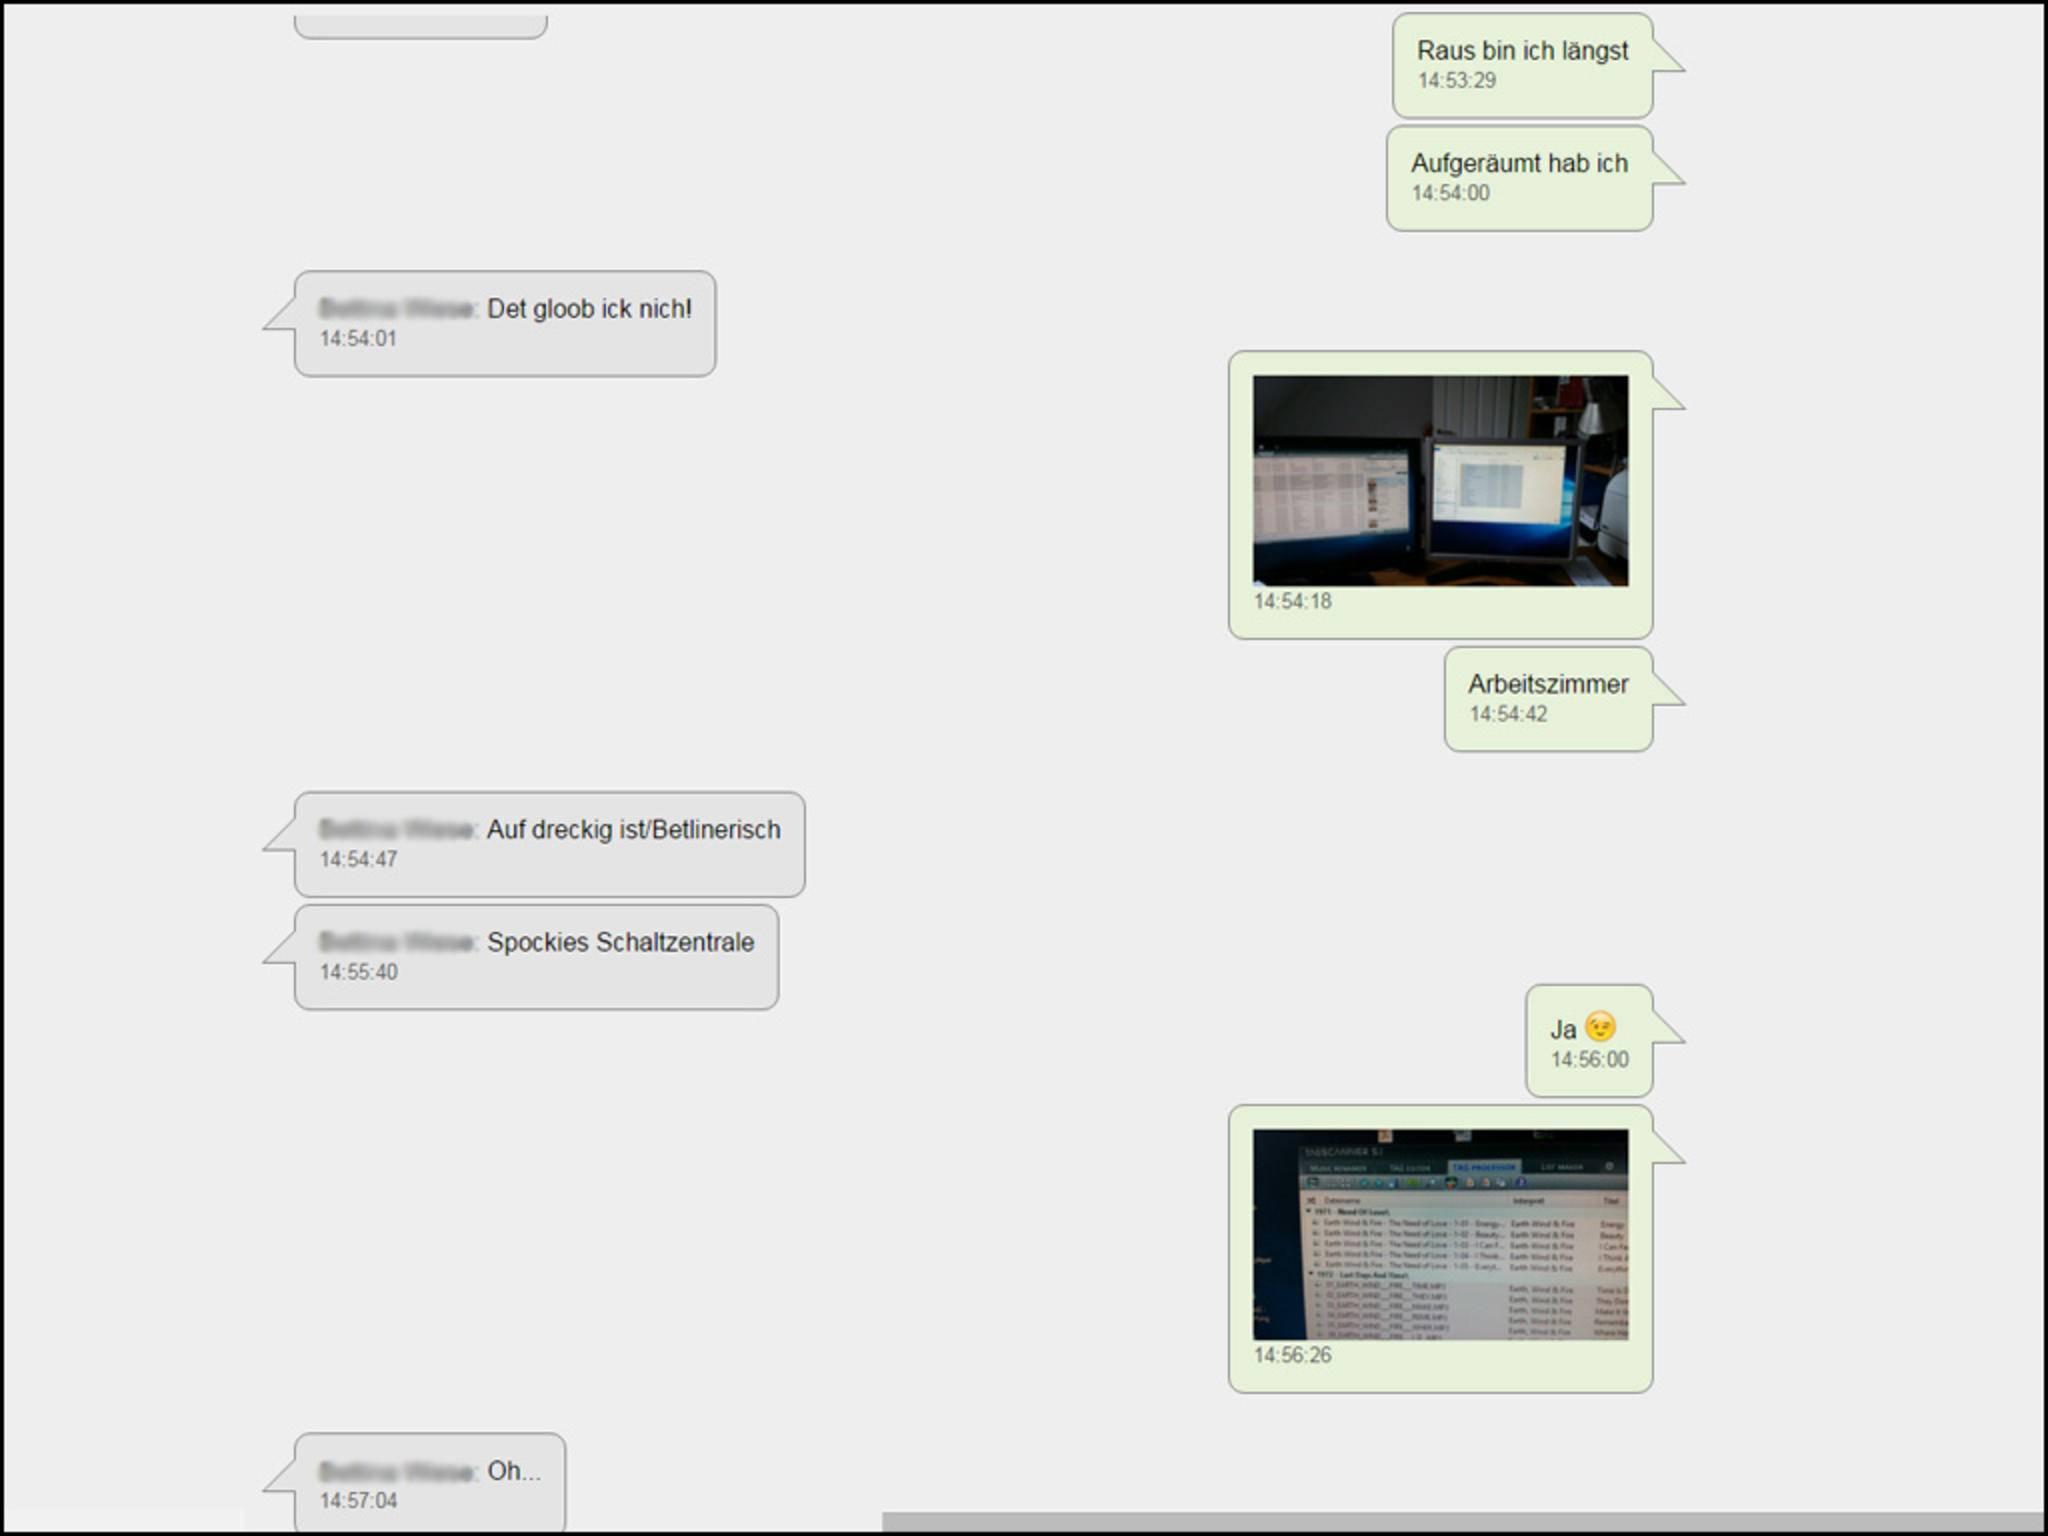 Der Chat kann im ursprünglichen Format gesichert werden ...